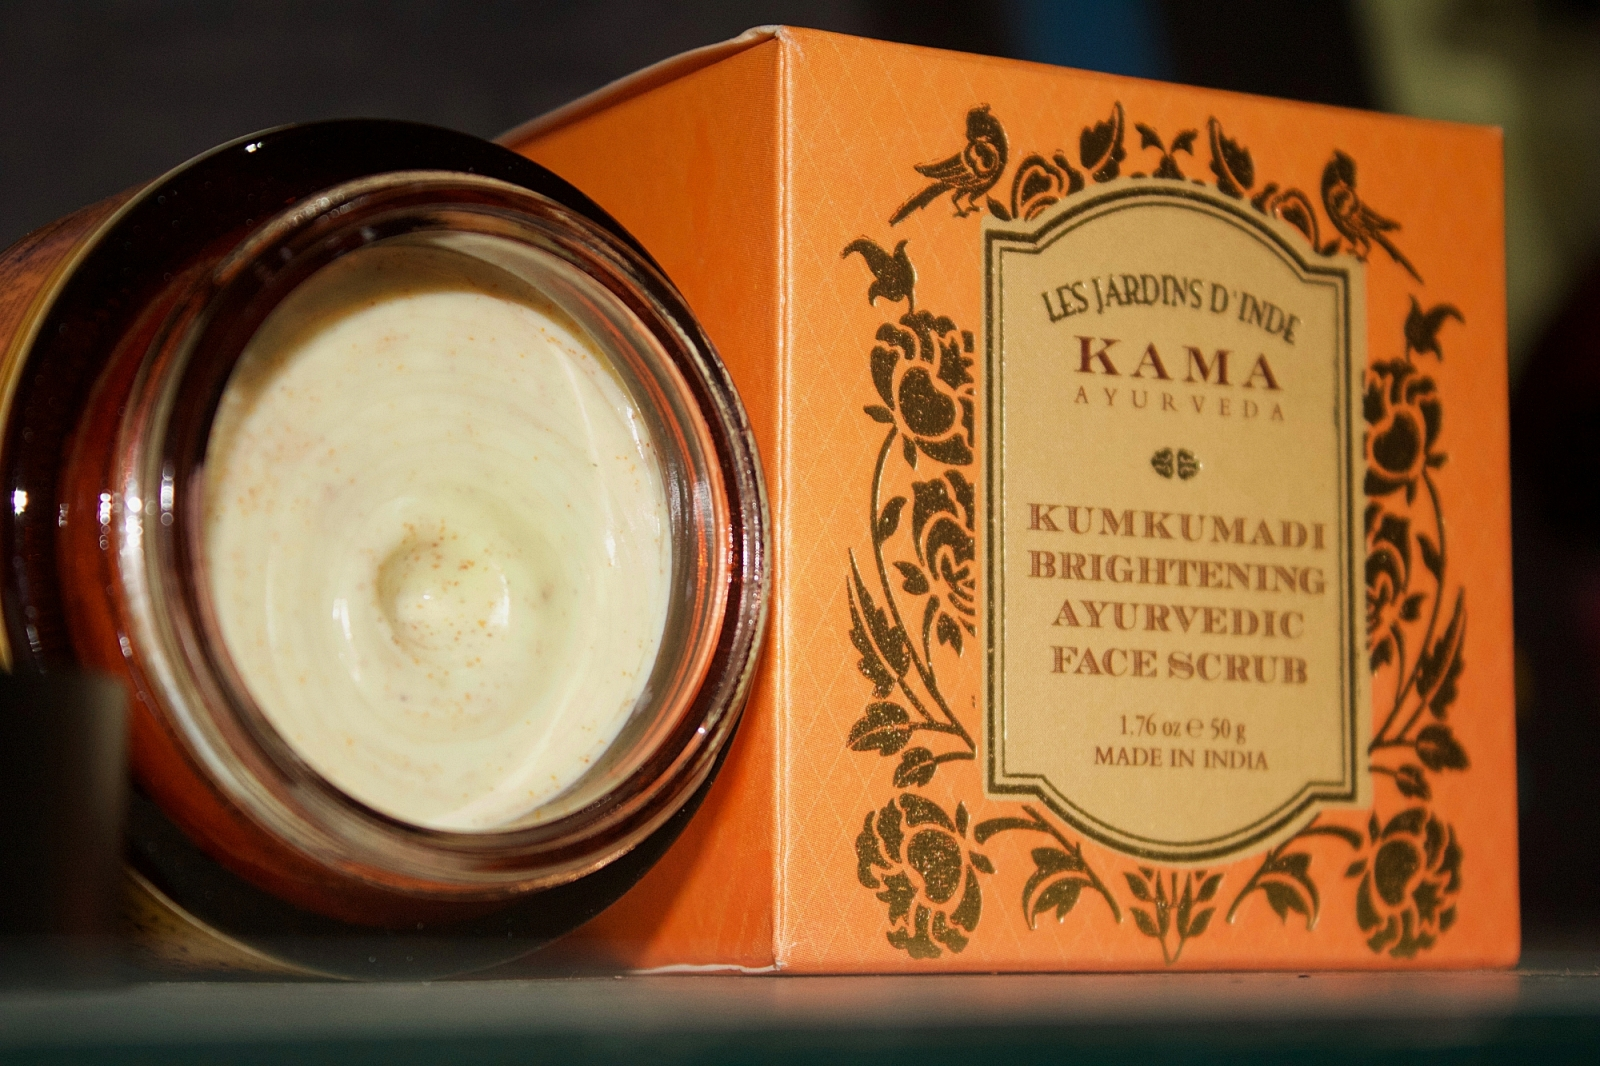 Kumkumadi Brightening Face Scrub